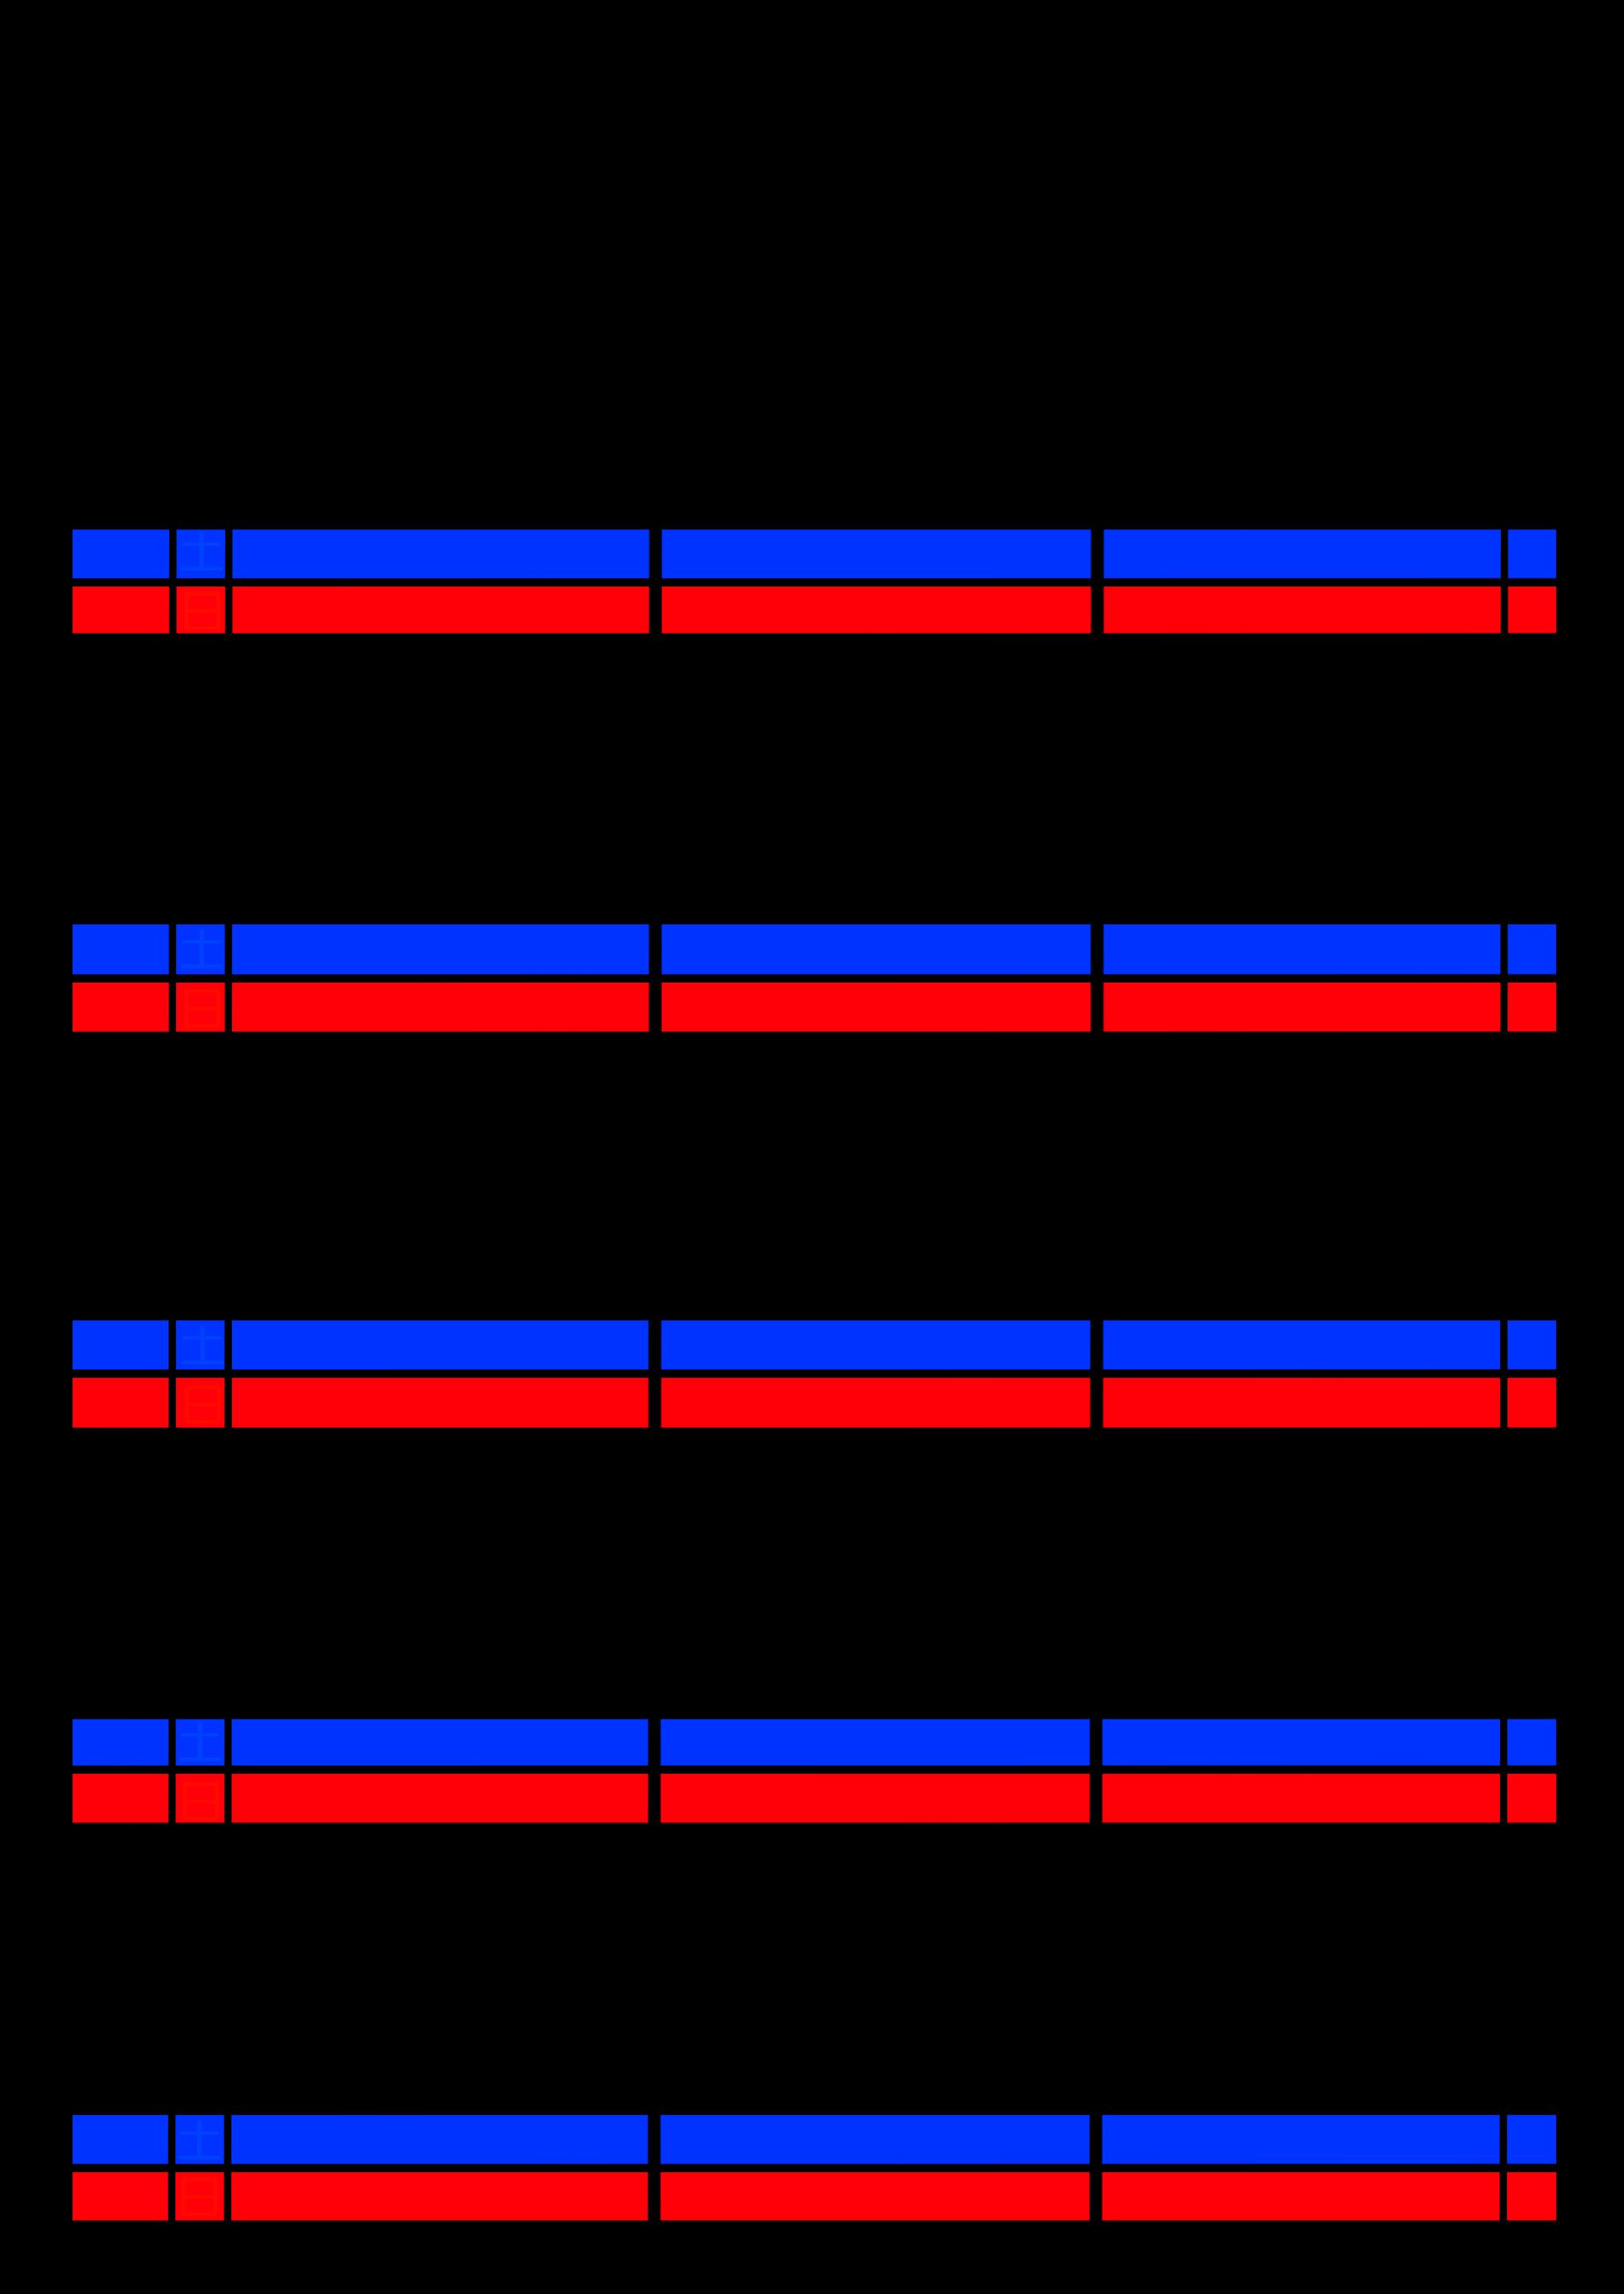 2021年家族カレンダー シンプル 背景透過PNG形式 3人用 10月